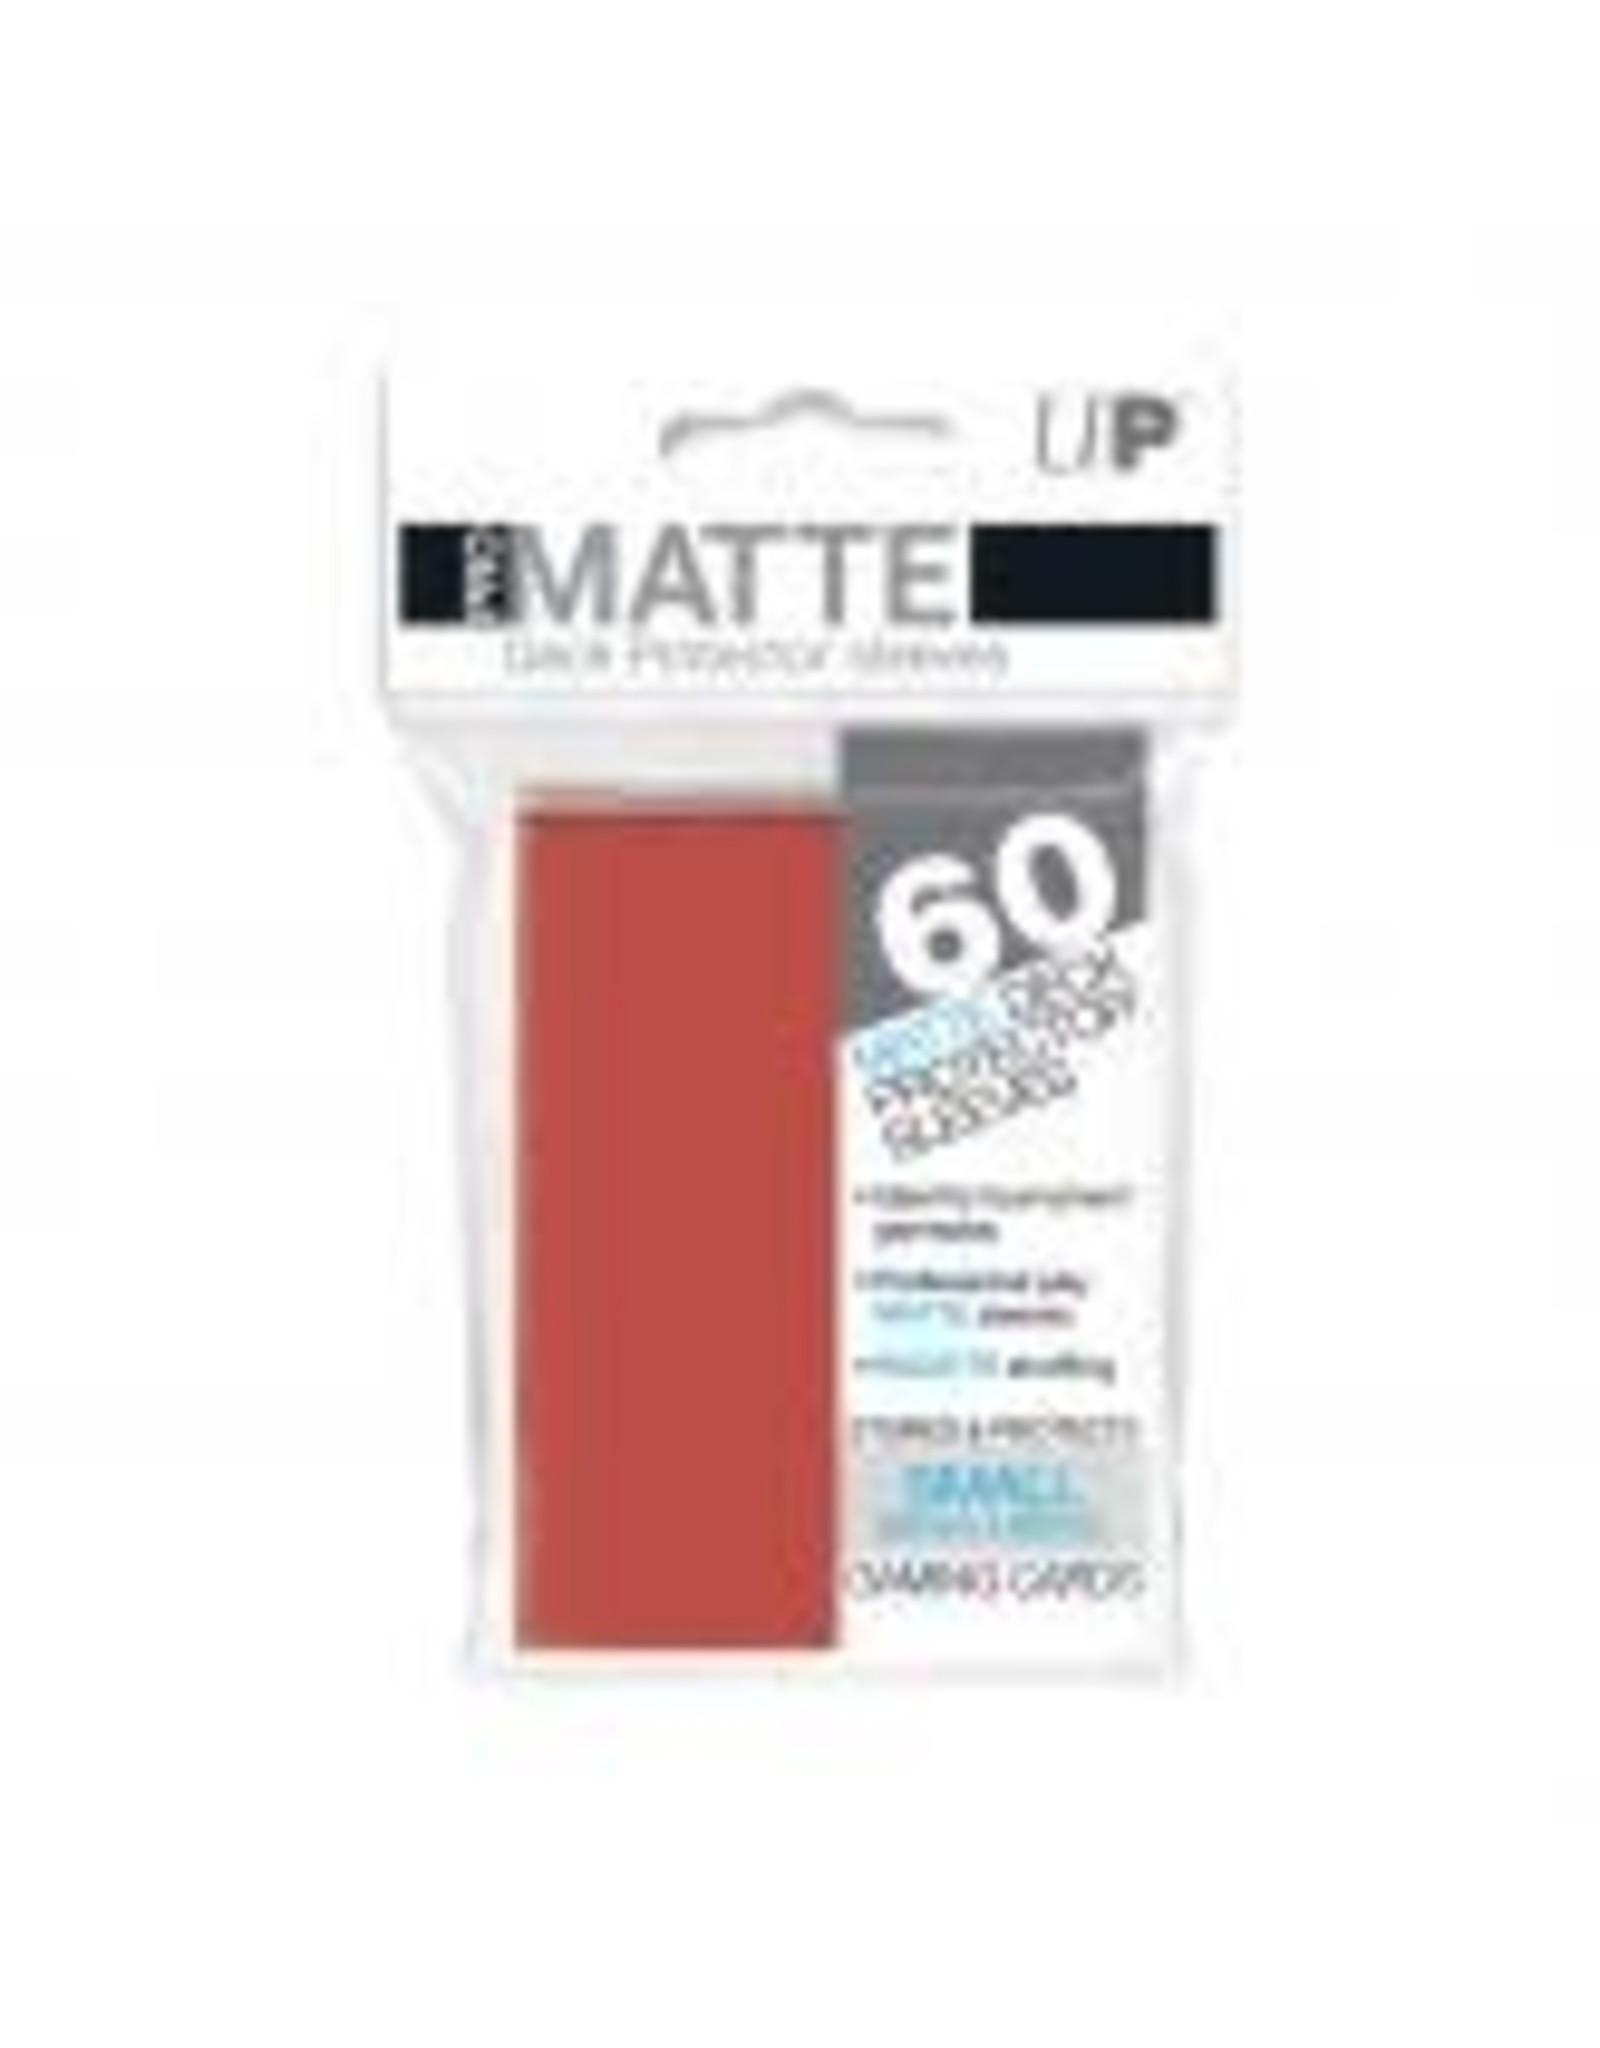 Ultra Pro Ultra Pro Small Size Matte (60)